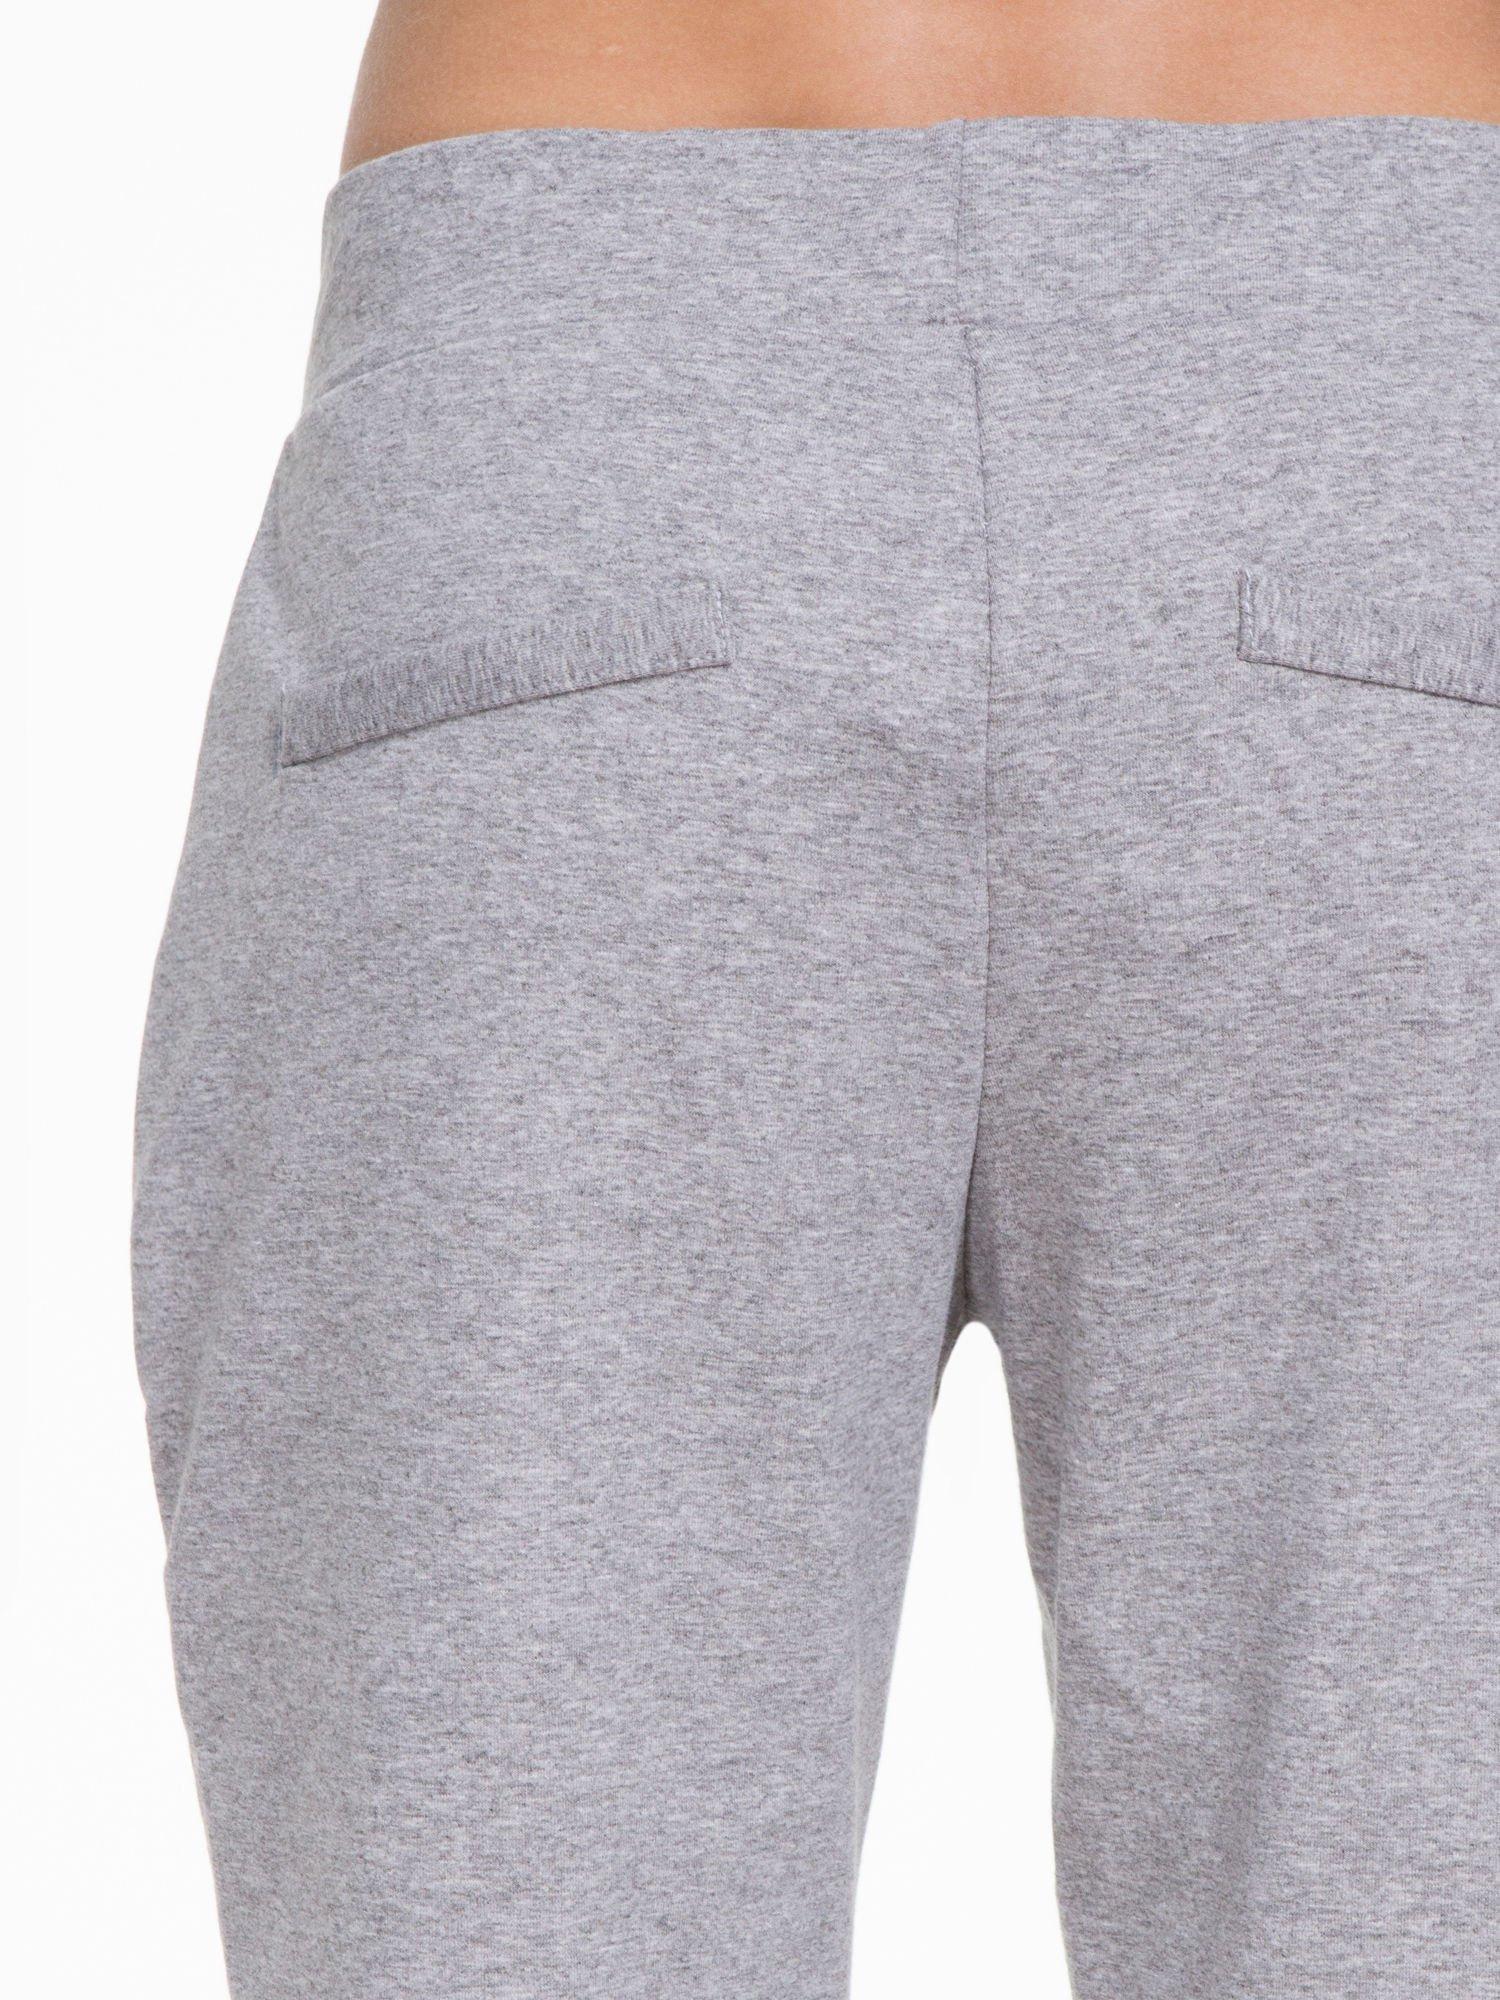 Szare spodnie dresowe z zakładkami przy kieszeniach                                  zdj.                                  5